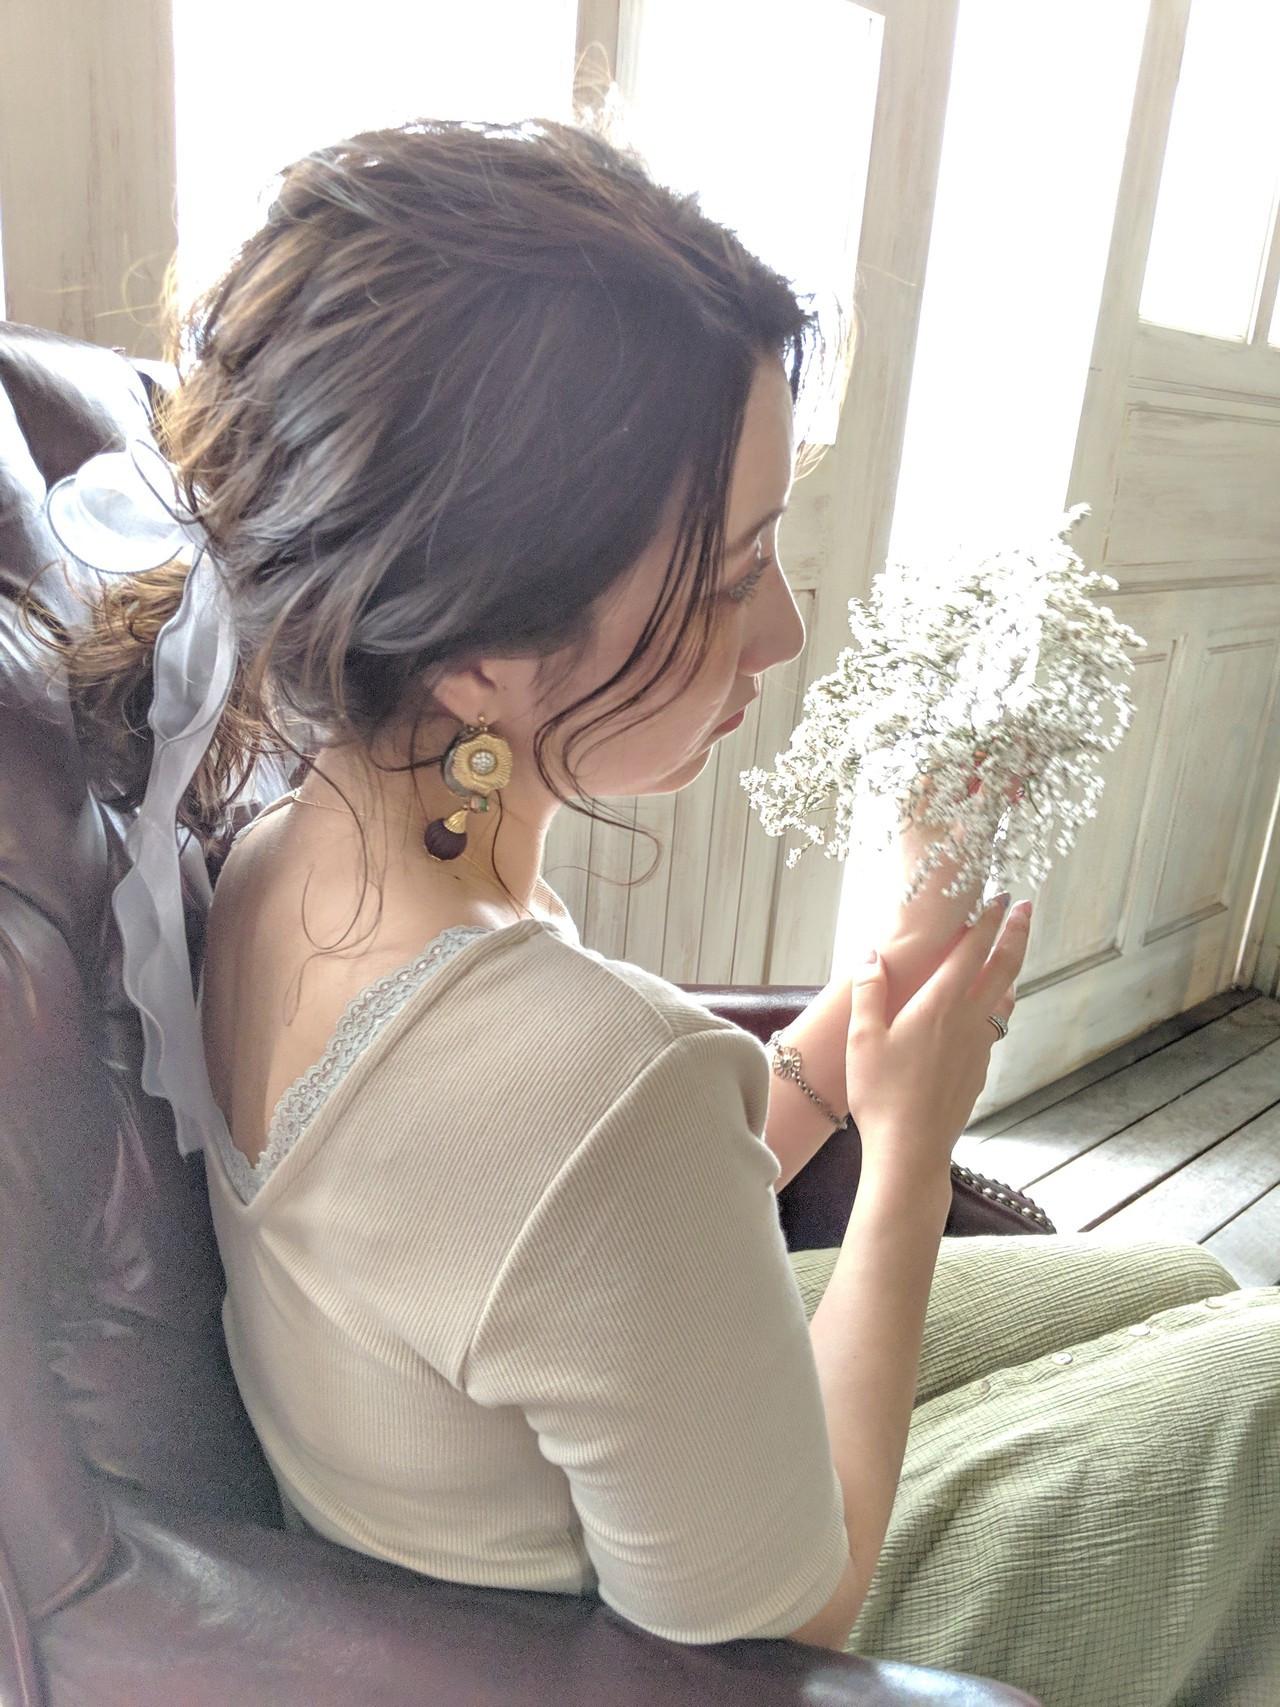 簡単ヘアアレンジ フェミニン ポニーテール ミディアム ヘアスタイルや髪型の写真・画像